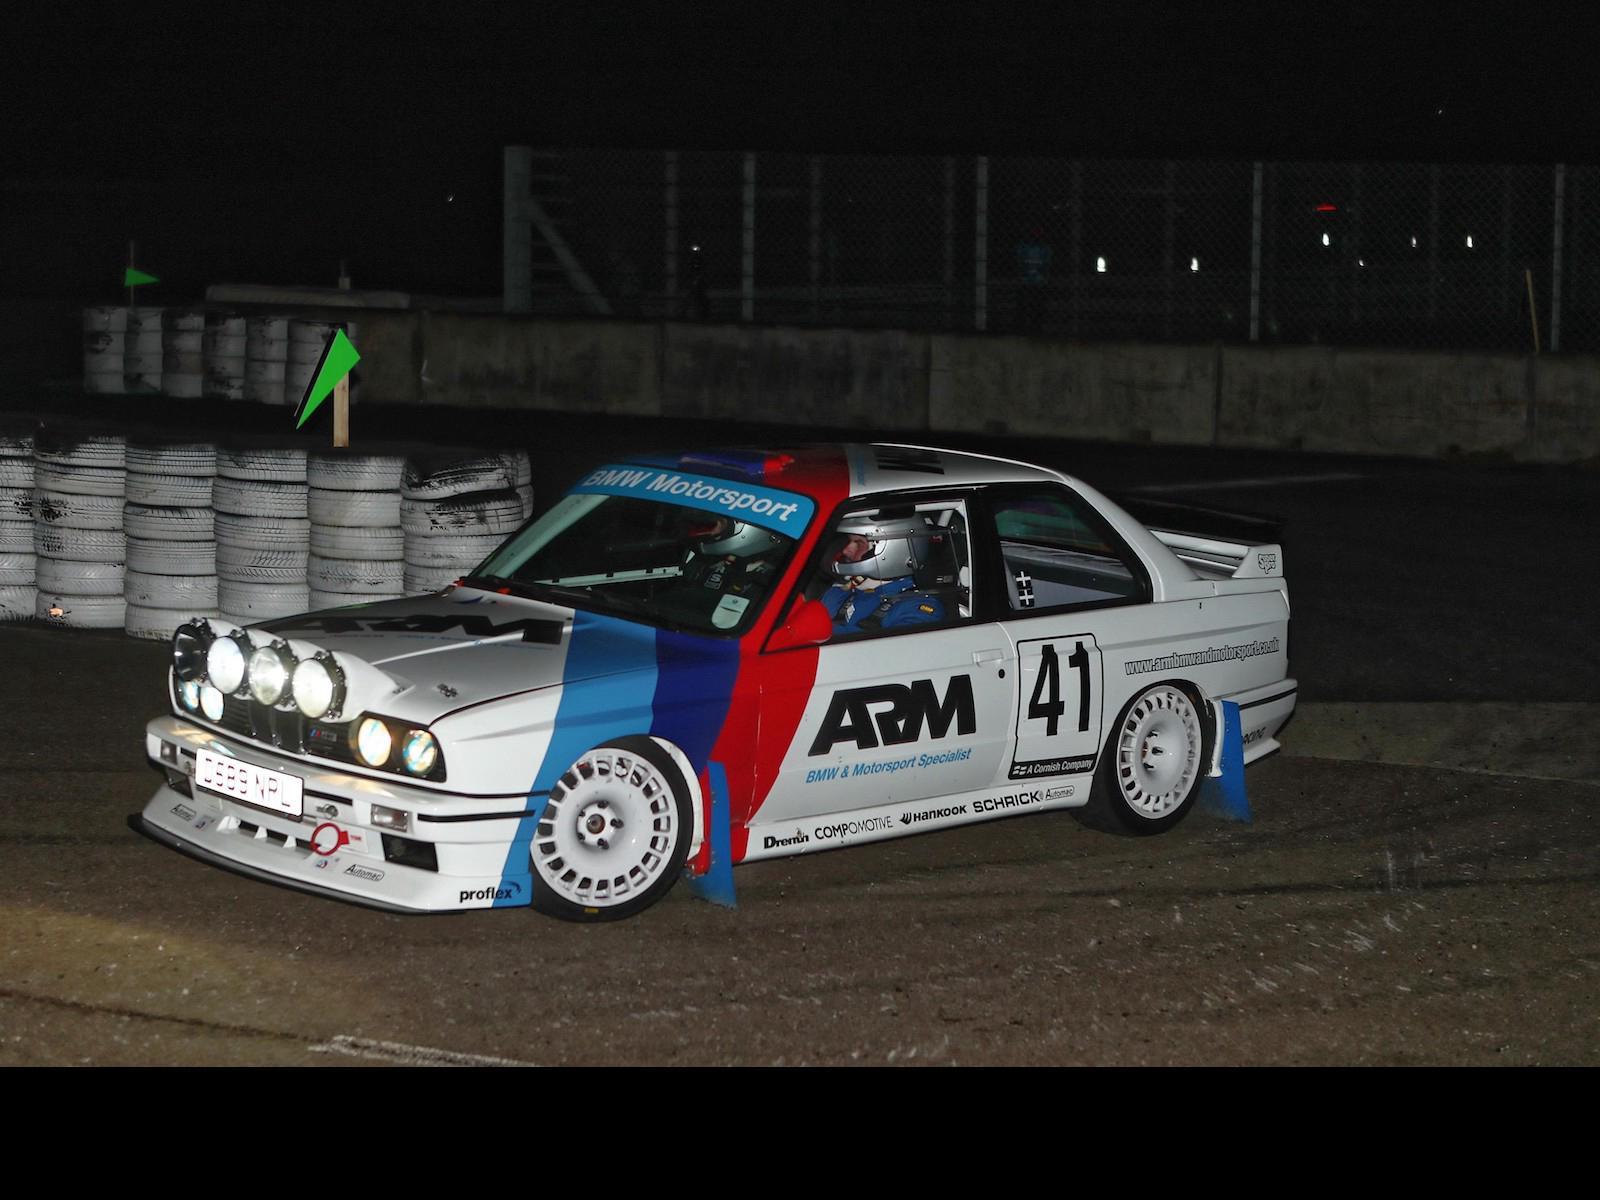 Rally heroes: Joe Geach's BMW E30 M3